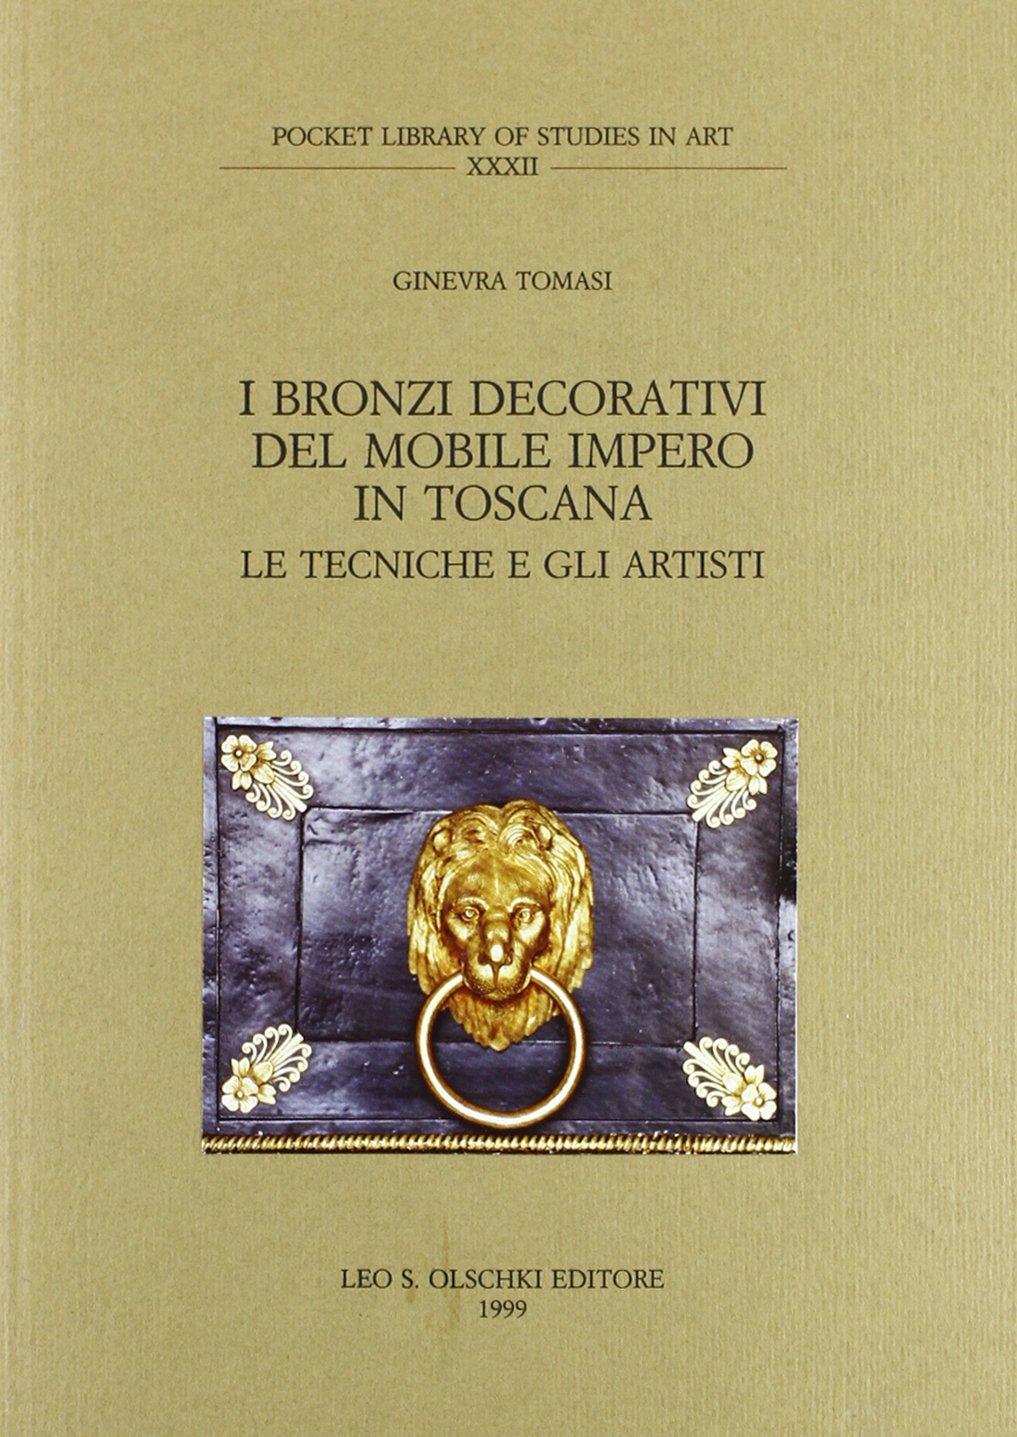 Download I Bronzi Decorativi Del Mobile Impero in Toscana: Le Techniche e Gli Artisti (Pocket Library of Studies in Art) (Italian Edition) pdf